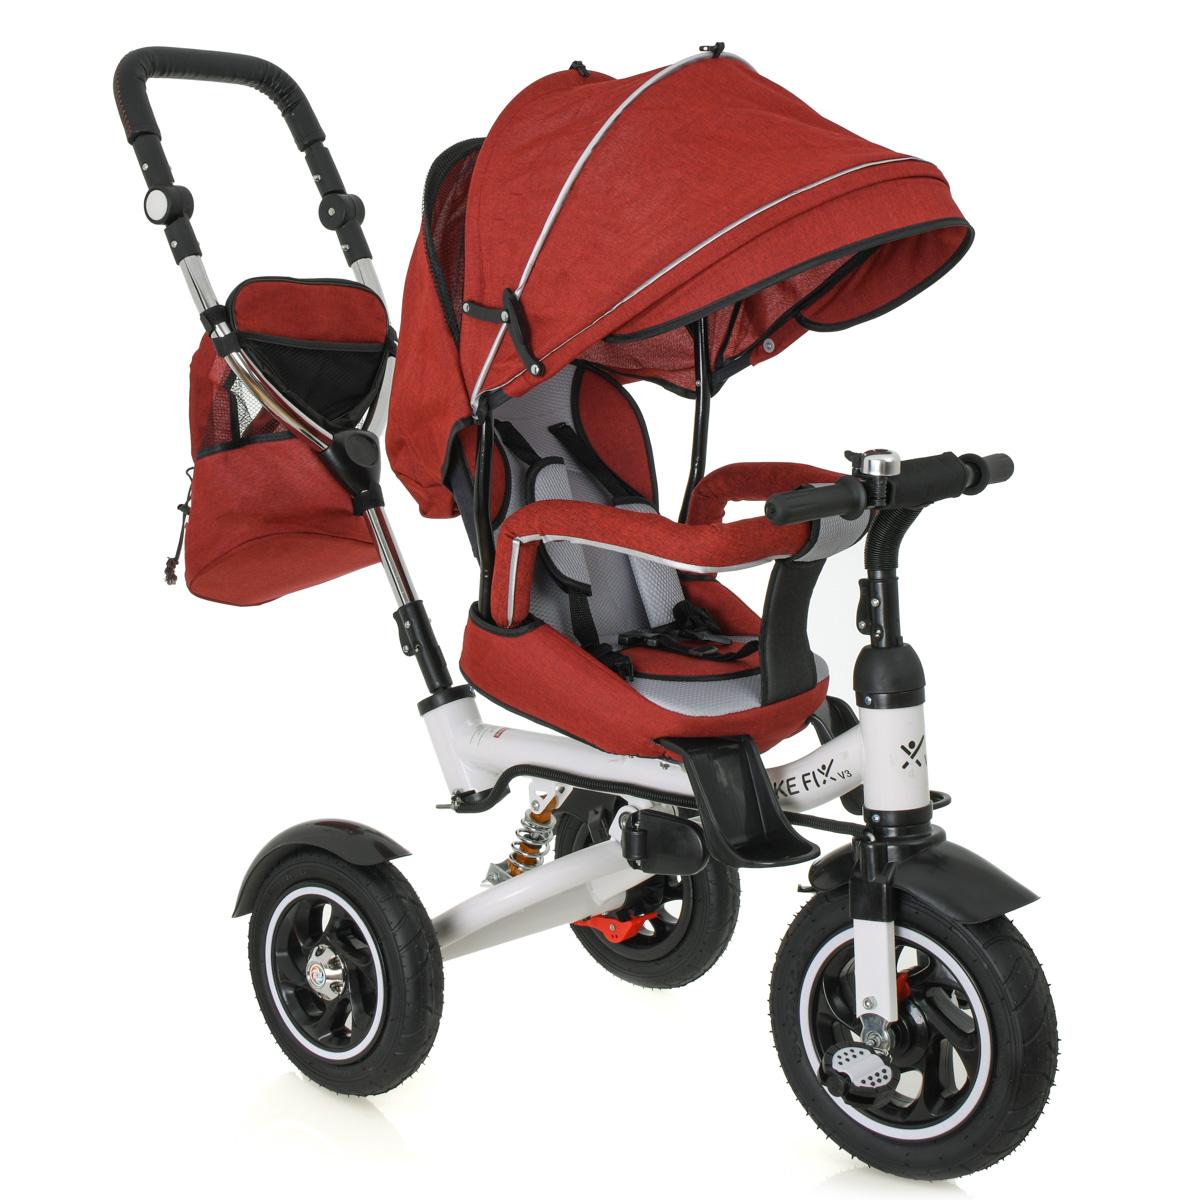 Dětská tříkolka TRIKE FIX III - červená